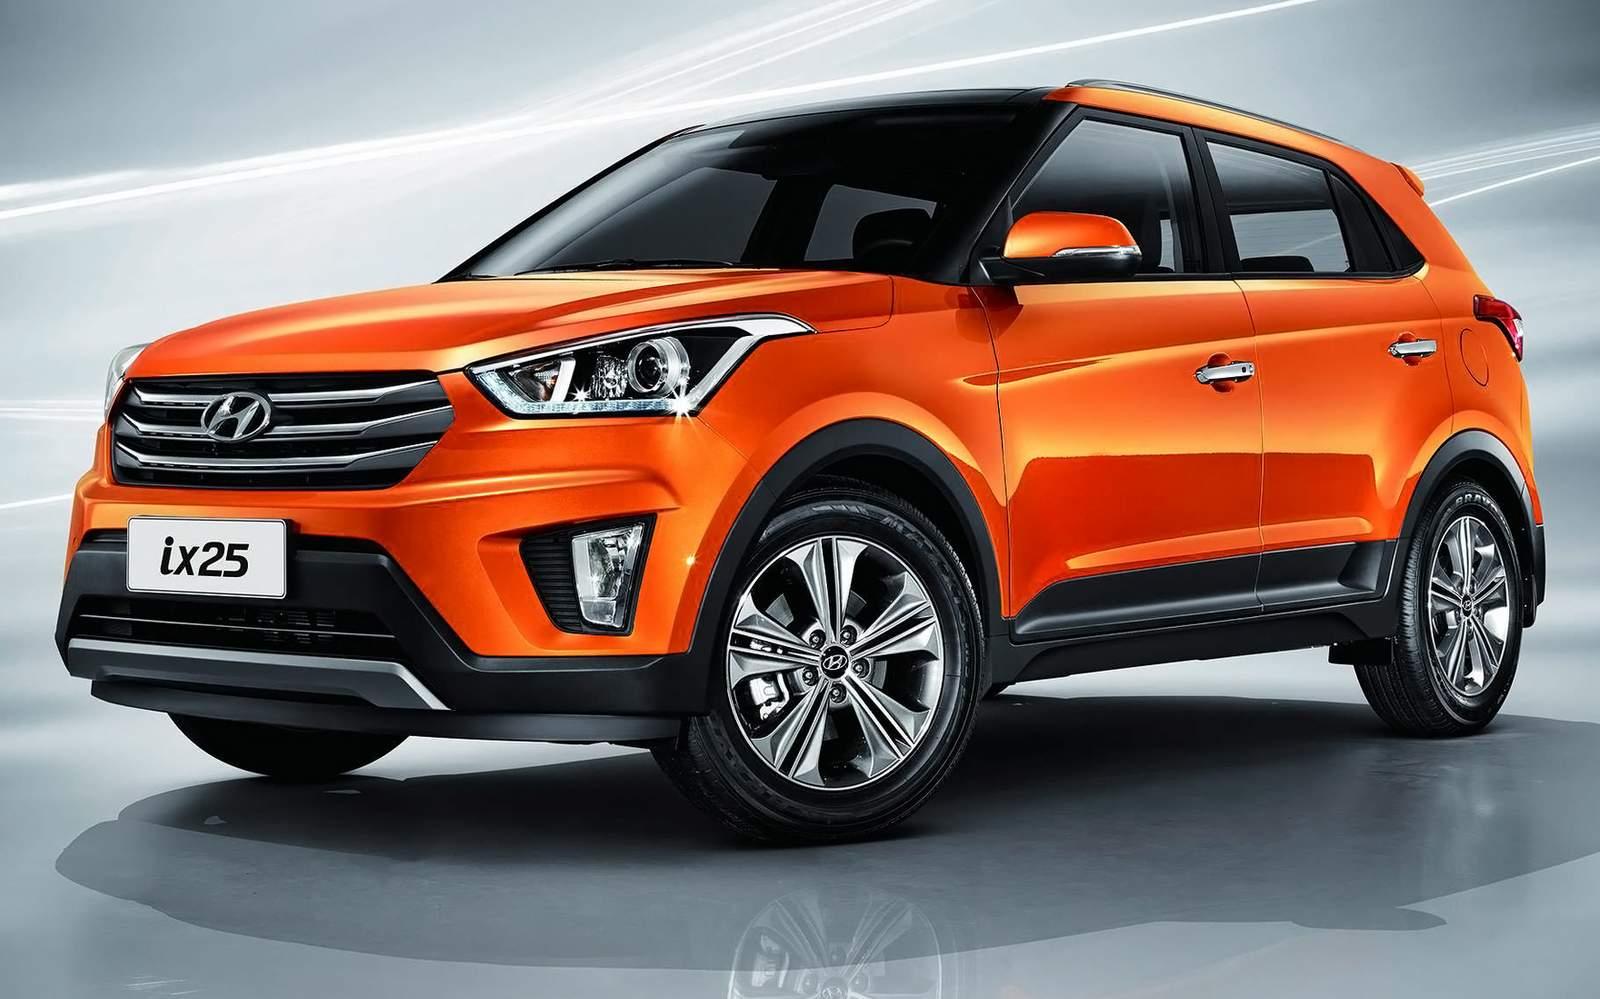 Hyundai creta suv compacto concorrente do honda hr v for Honda or hyundai